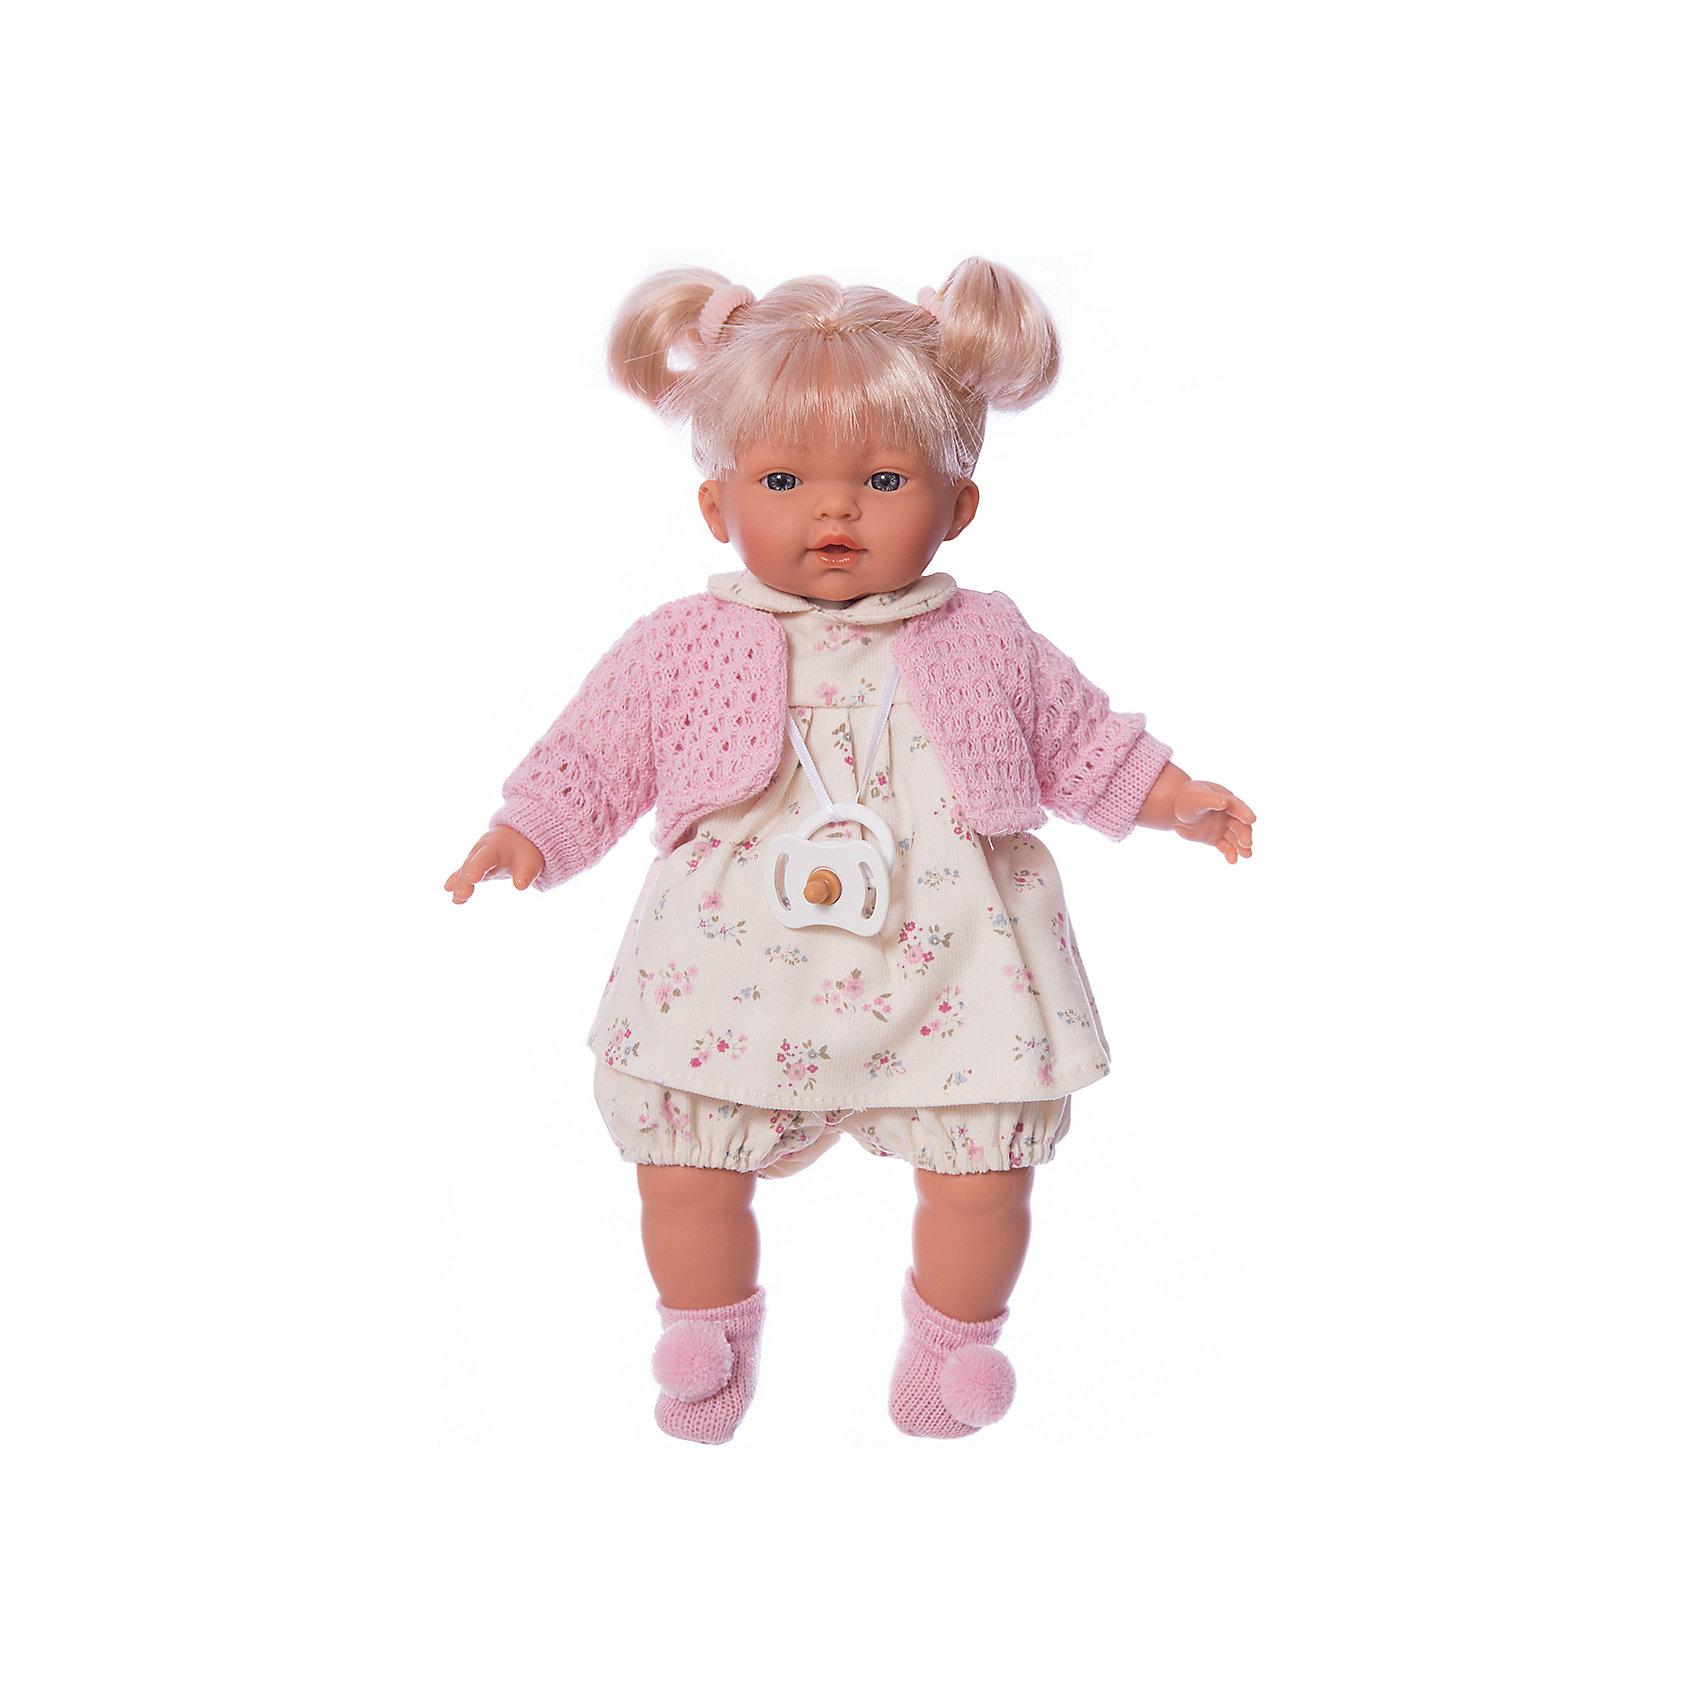 Кукла Ариана, 33 см, LlorensБренды кукол<br>Характеристики:<br><br>• Предназначение: для сюжетно-ролевых игр<br>• Тип куклы: мягконабивная<br>• Пол куклы: девочка <br>• Цвет волос: блондинка<br>• Материал: поливинилхлорид, пластик, нейлон, текстиль<br>• Цвет: красный, белый, серый, розовый<br>• Высота куклы: 33 см<br>• Комплектация: кукла, платье, кофточка, носочки, пустышка на ленточке<br>• Звуковые эффекты: плачет, произносит мама и папа<br>• Батарейки: з шт. типа AG13/LR44 (предусмотрены в комплекте)<br>• Вес: 660 г<br>• Размеры упаковки (Д*В*Ш): 20*37*10 см<br>• Упаковка: подарочная картонная коробка <br>• Особенности ухода: допускается деликатная стирка без использования красящих и отбеливающих средств предметов одежды куклы<br><br>Кукла Ариана 33 см – кукла, производителем которого является всемирно известный испанский кукольный бренд Llorens. Куклы этой торговой марки имеют свою неповторимую внешность и целую линейку образов как пупсов, так и кукол-малышей. Игрушки выполнены из сочетания поливинилхлорида и пластика, что позволяет с высокой долей достоверности воссоздать физиологические и мимические особенности маленьких детей. При изготовлении кукол Llorens используются только сертифицированные материалы, безопасные и не вызывающие аллергических реакций. Волосы у кукол отличаются густотой, шелковистостью и блеском, при расчесывании они не выпадают и не ломаются.<br>Кукла Ариана 33 см выполнена в образе малышки: голубые глаза и задорные короткие хвостики делают образ куклы необычайно очаровательным. В комплект одежды Арианы входит легкое платьице в цветочек с отложным воротничком, короткие панталончики, теплая кофточка и носочки с помпончиками. Ариана умеет плакать, а также говорить мама и папа. Чтобы малышка не плакала, у нее имеется соска на атласной ленточке. <br>Кукла Ариана 33 см – это идеальный вариант для подарка к различным праздникам и торжествам.<br><br>Куклу Ариану 33 см можно купить в нашем интернет-магазине.<br><br>Ширина мм: 20<br>Глубина мм: 37<